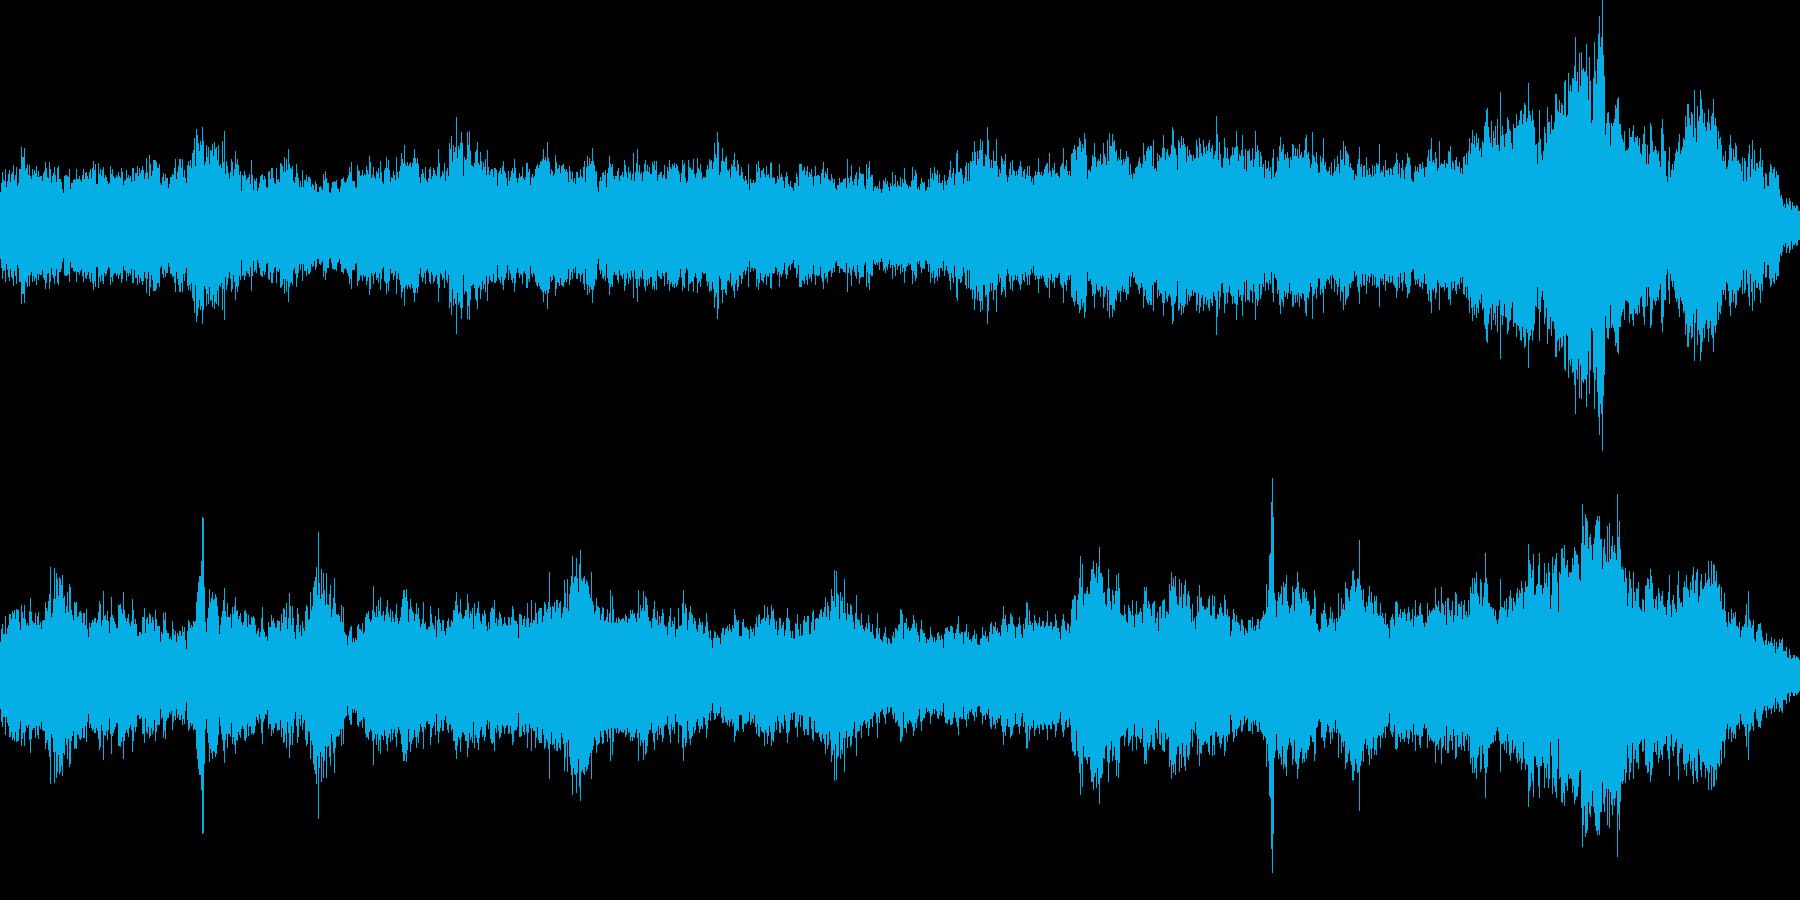 ホラーにも。空気感のあるミステリアスな曲の再生済みの波形